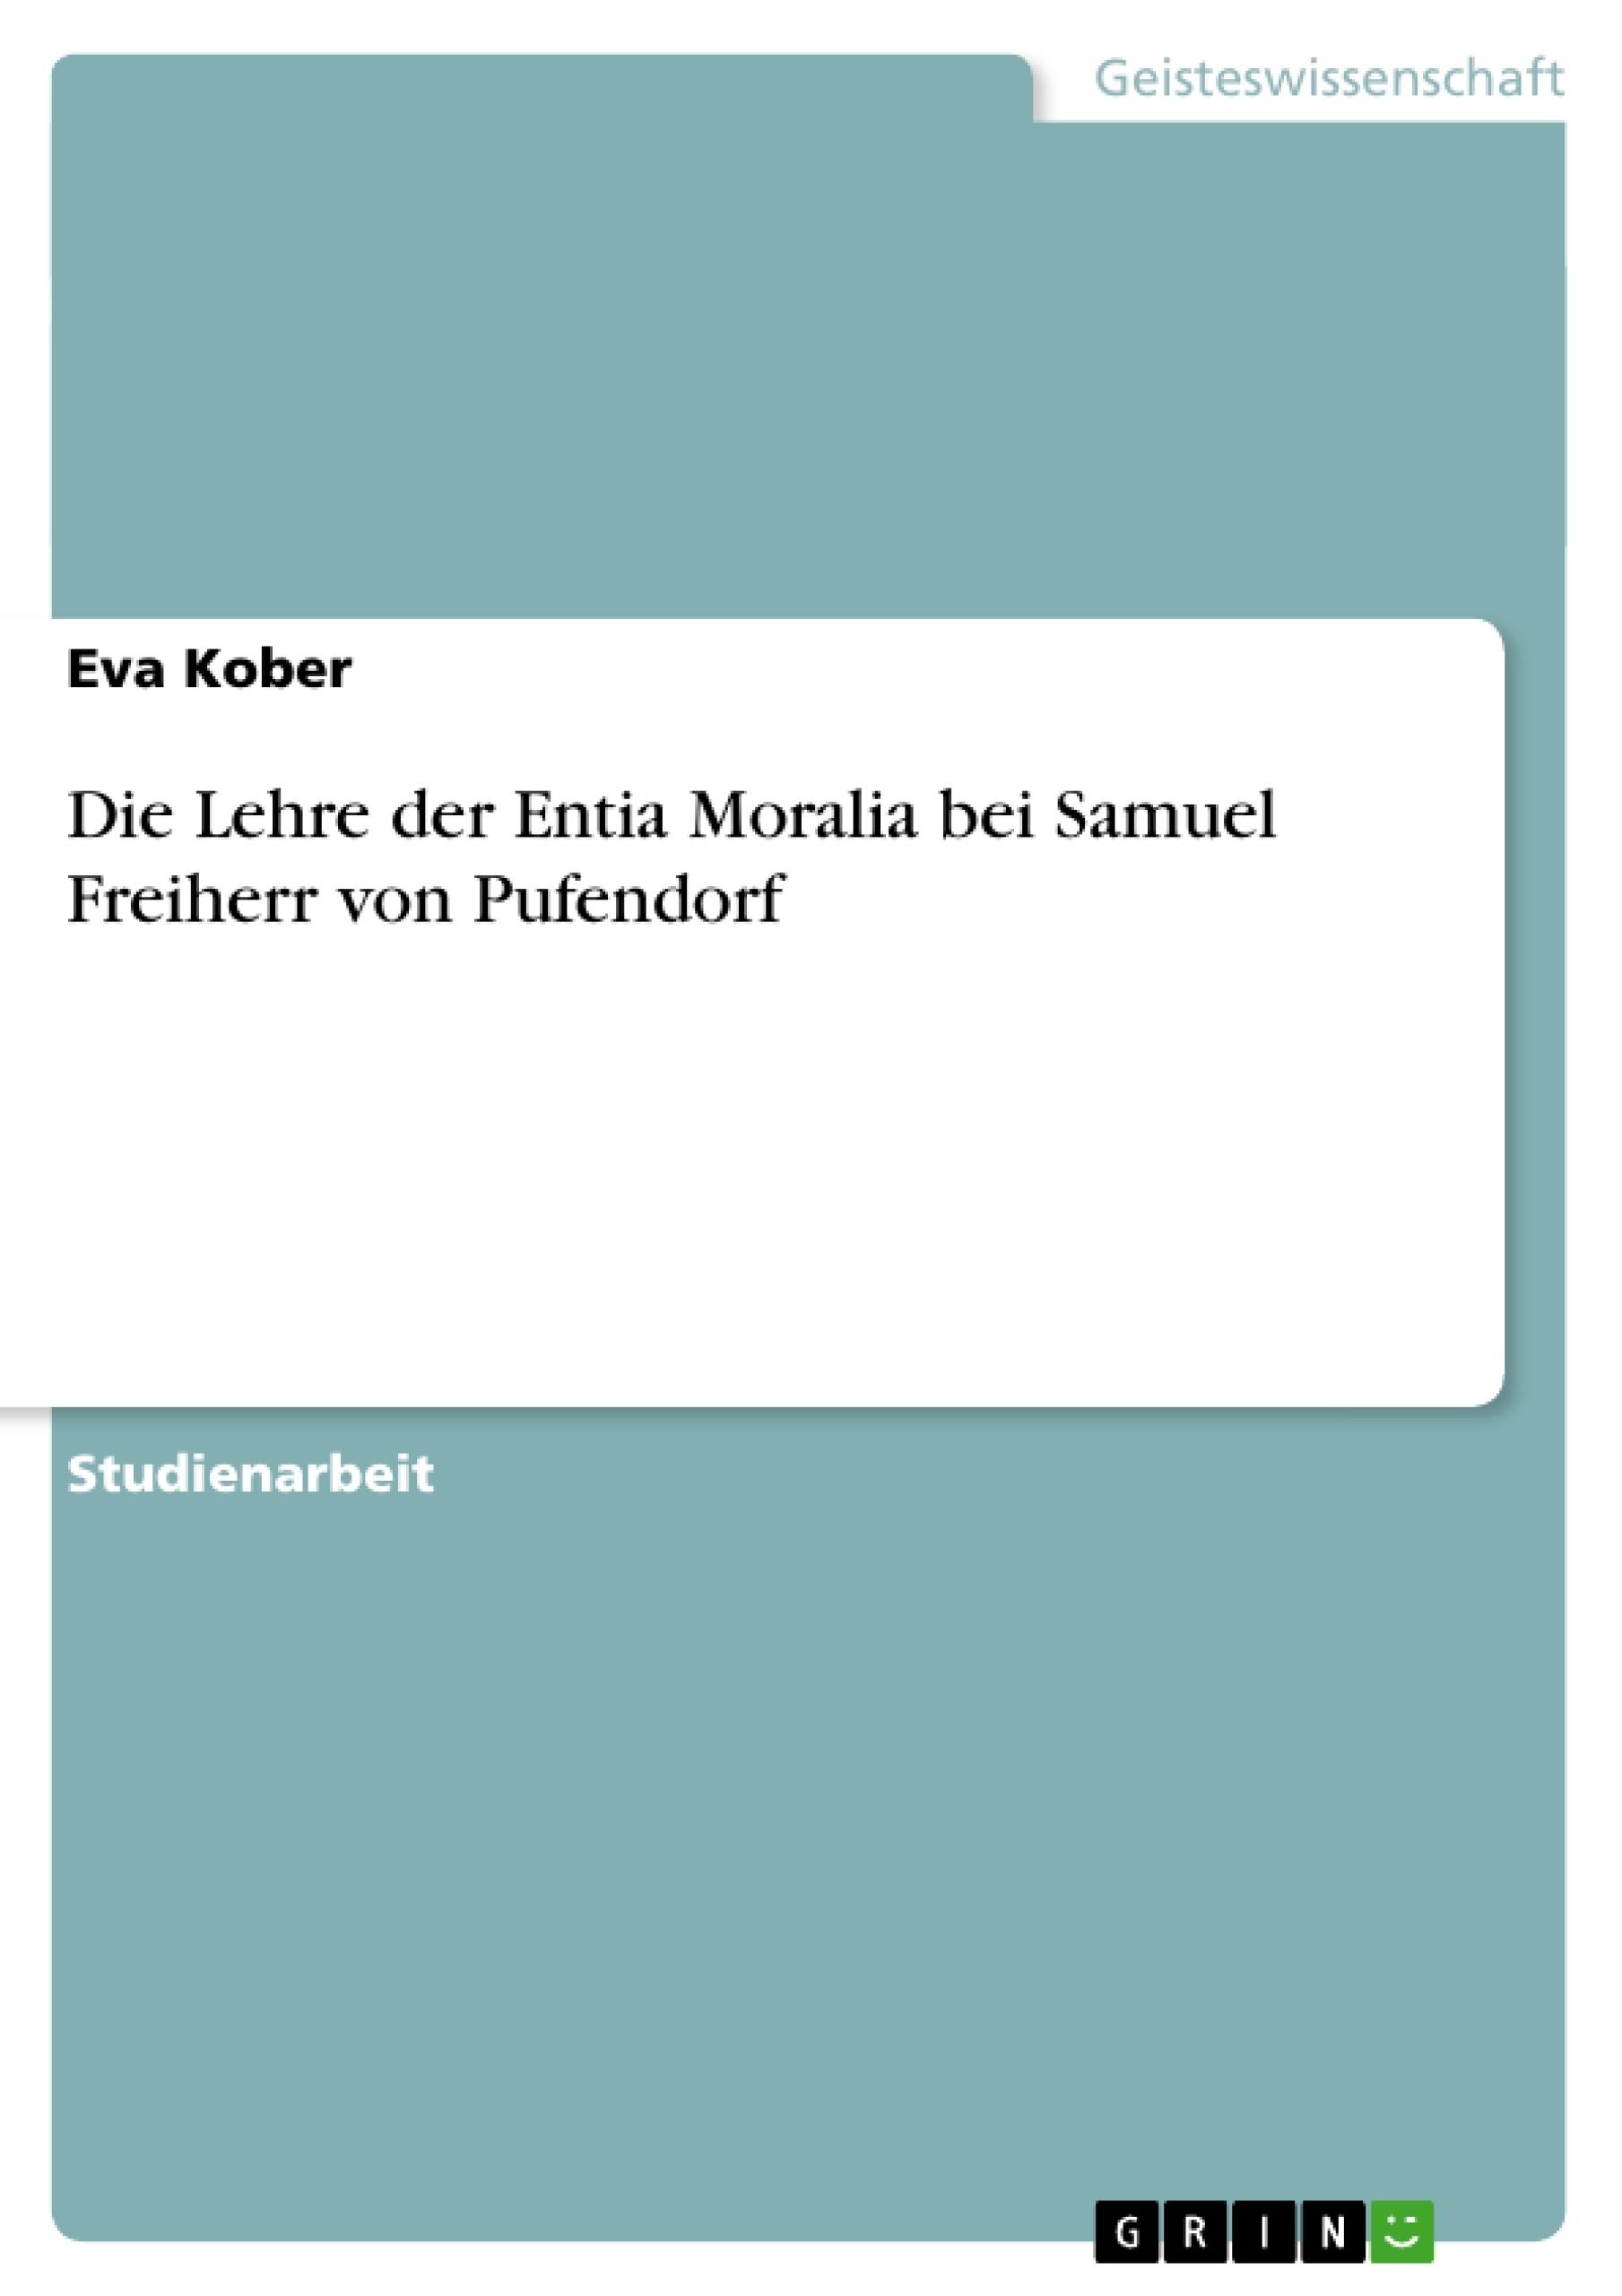 Titel: Die Lehre der Entia Moralia bei Samuel Freiherr von Pufendorf